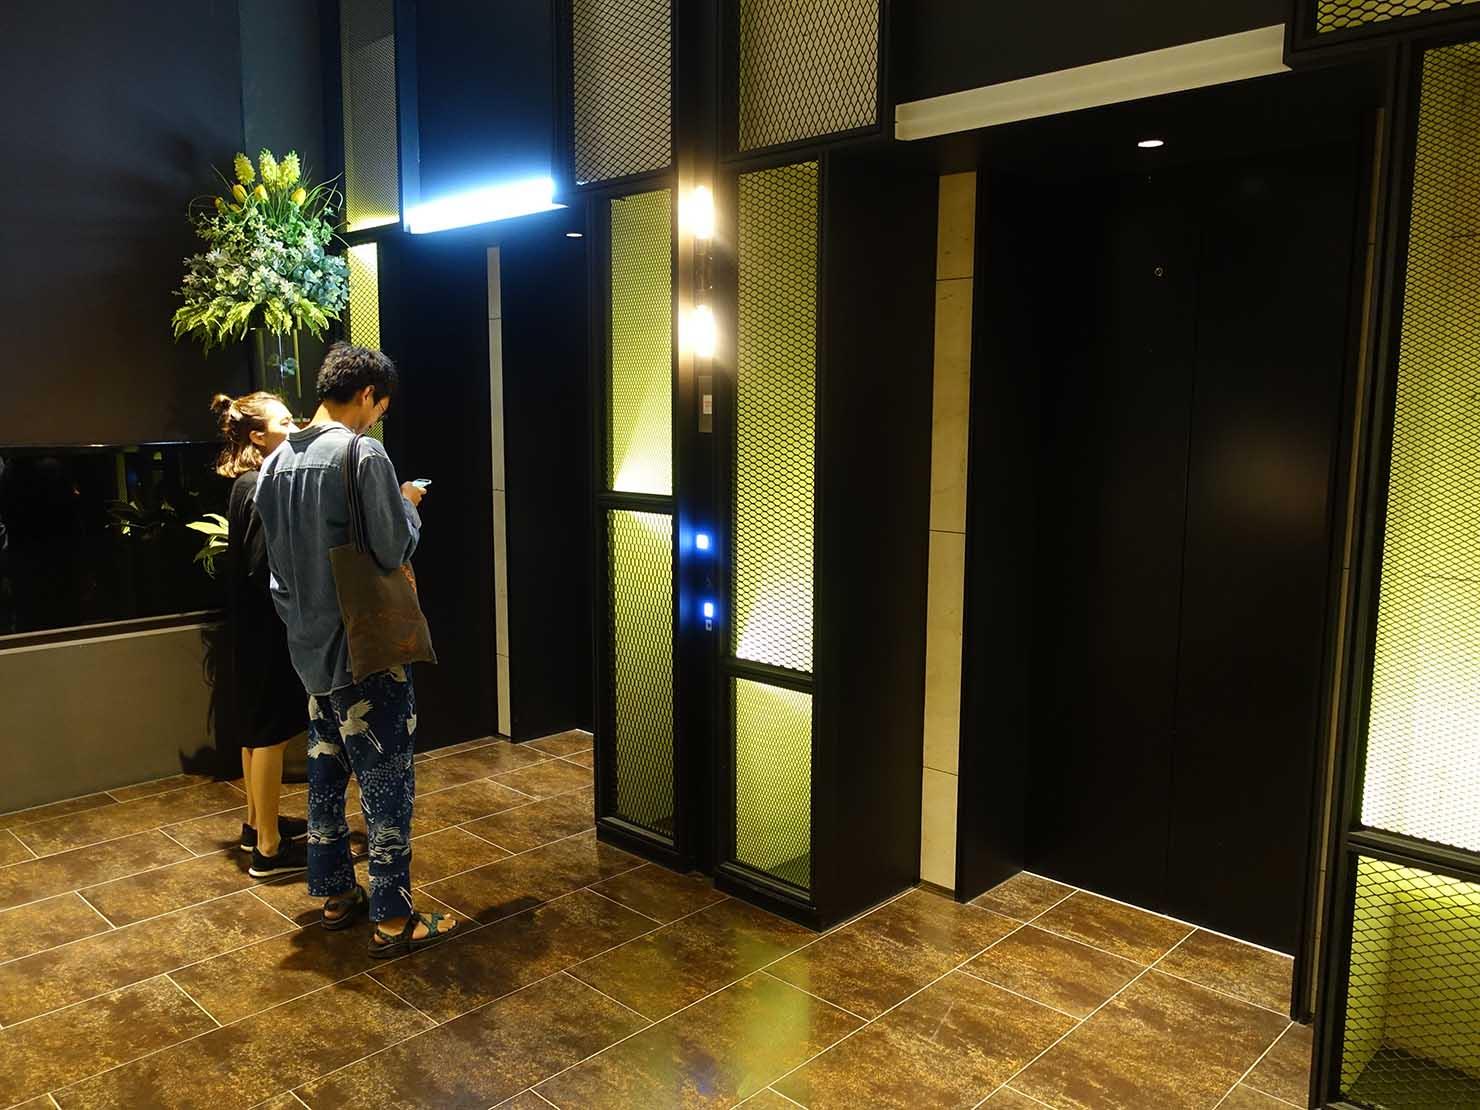 高雄市内観光におすすめのホテル「GREET INN 喜迎旅店」のエレベーターホール